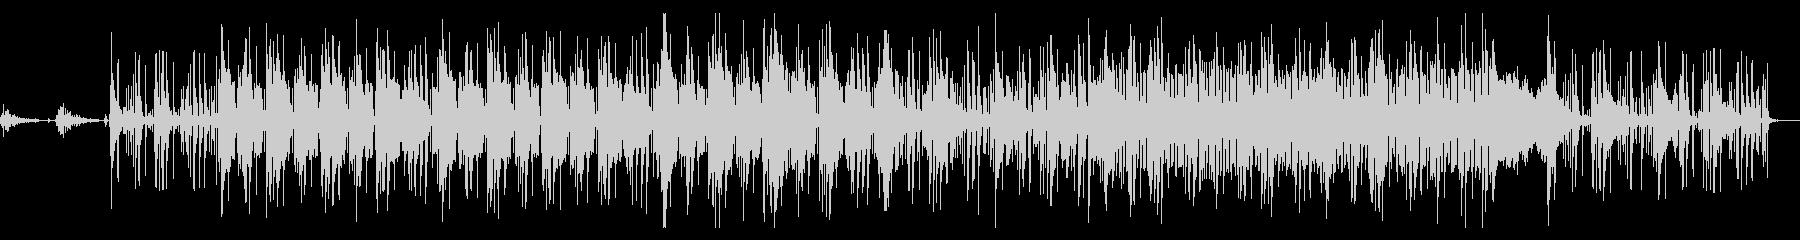 ゆったりチル系ヒップホップの未再生の波形